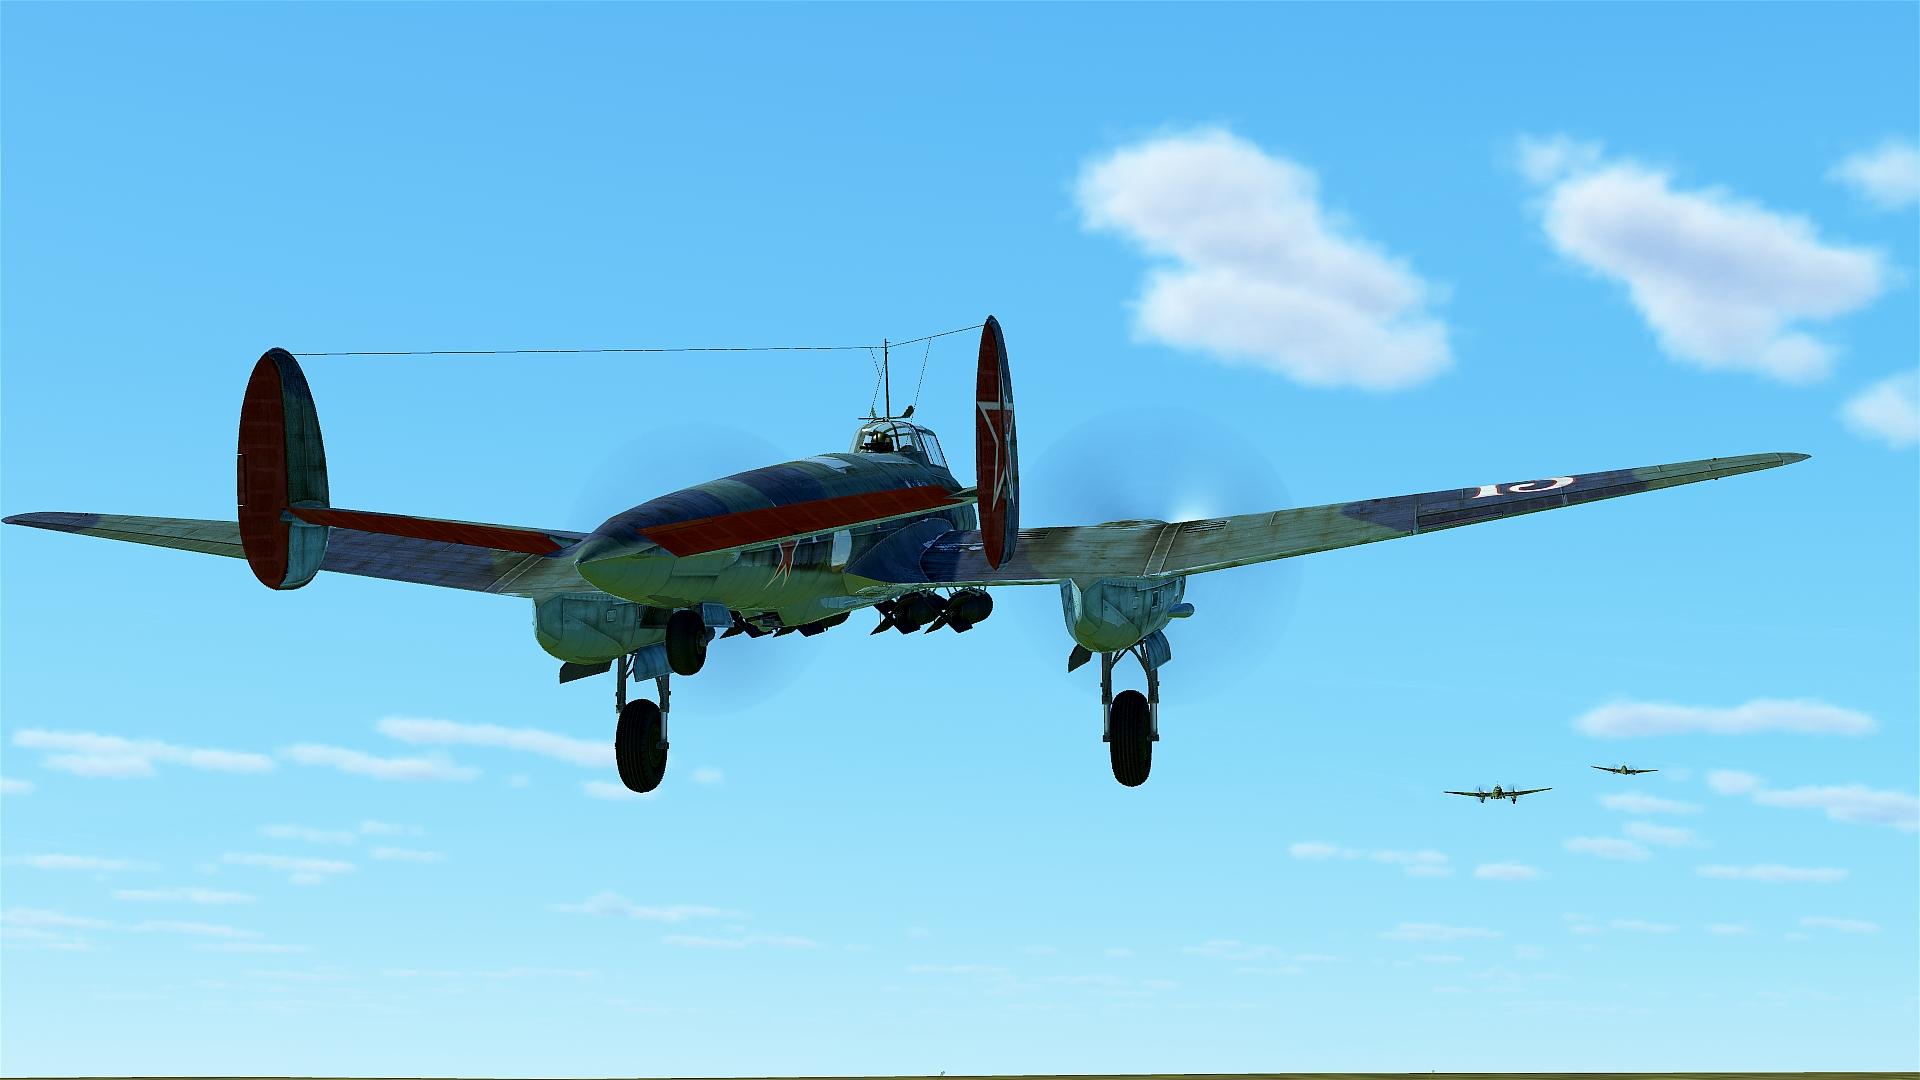 Un ptit CR en image de  la sortie de vendredi sur les Fnbf avec les NN en bomber ! 41600482691_3e666edeae_o